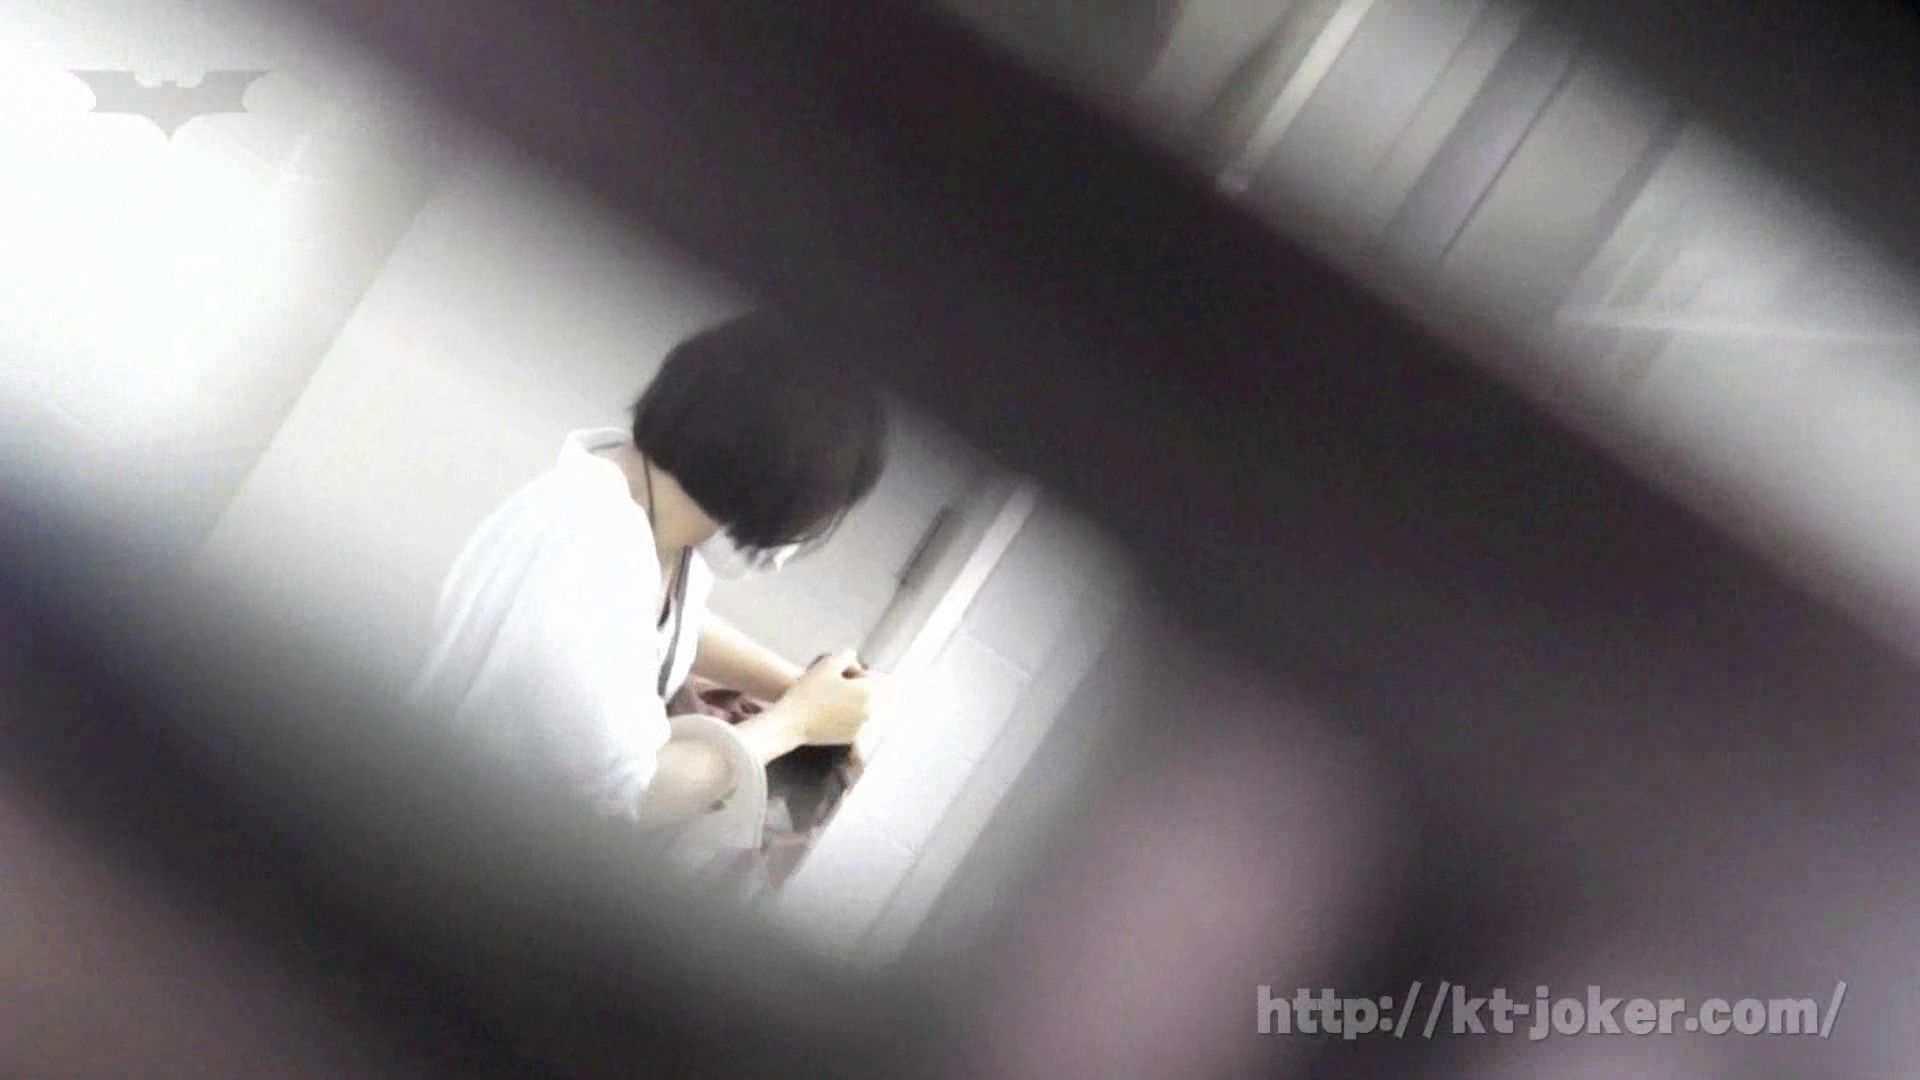 命がけ潜伏洗面所! vol.67 女性の日特集!! プライベート  49連発 26